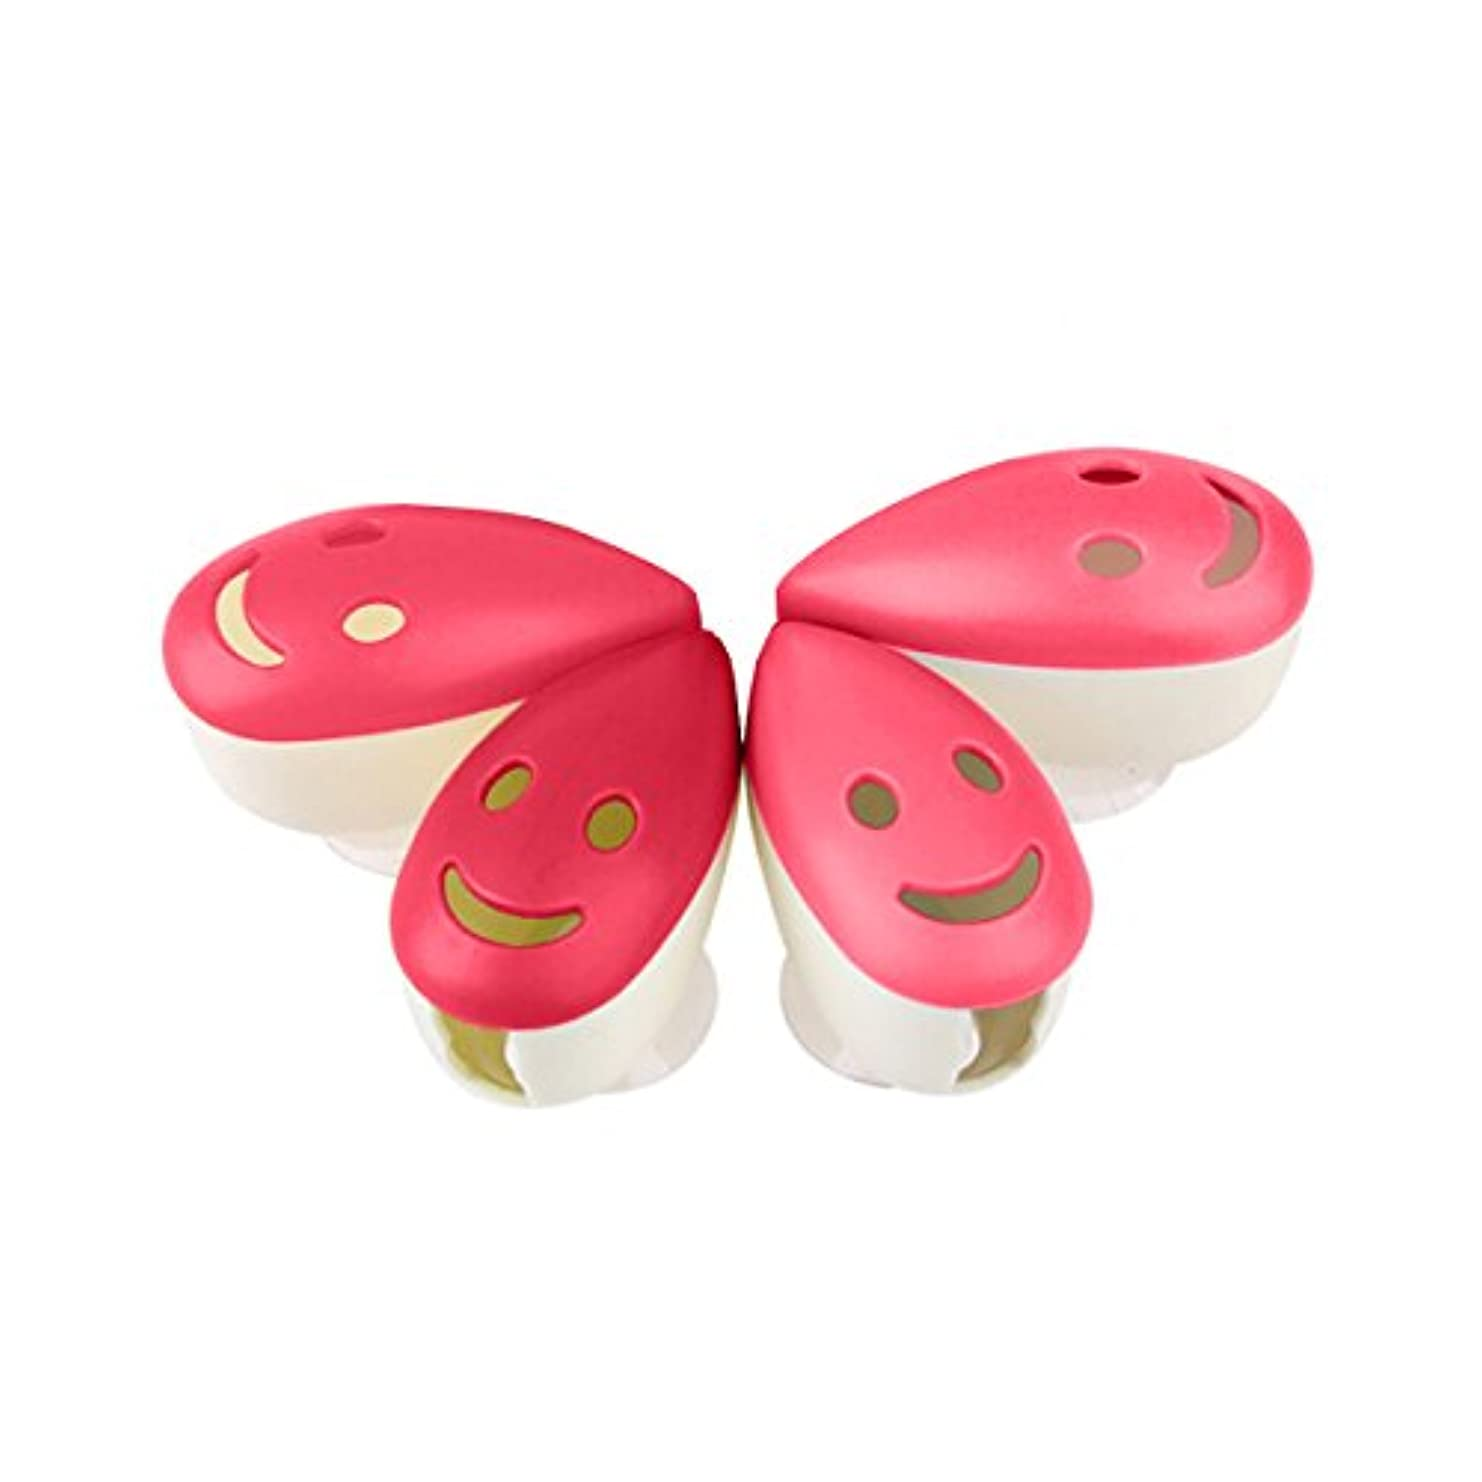 怒って適応する一致ROSENICE 歯ブラシケース4個のスマイルフェイス抗菌歯ブラシホルダーサクションカップ(混合色)